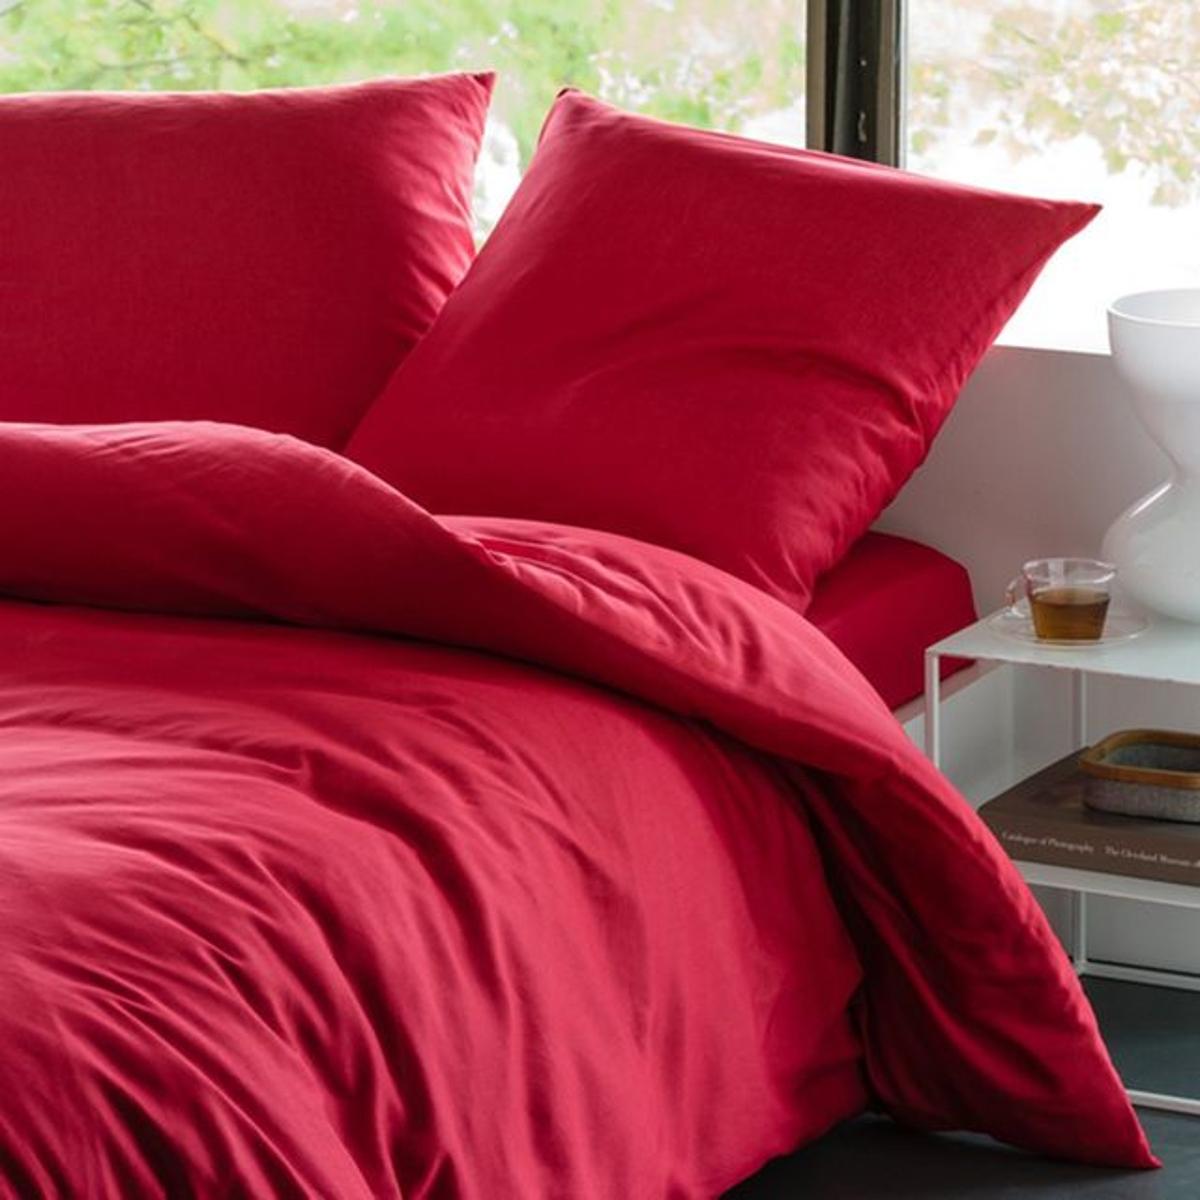 parure housse de couette taie uni. Black Bedroom Furniture Sets. Home Design Ideas